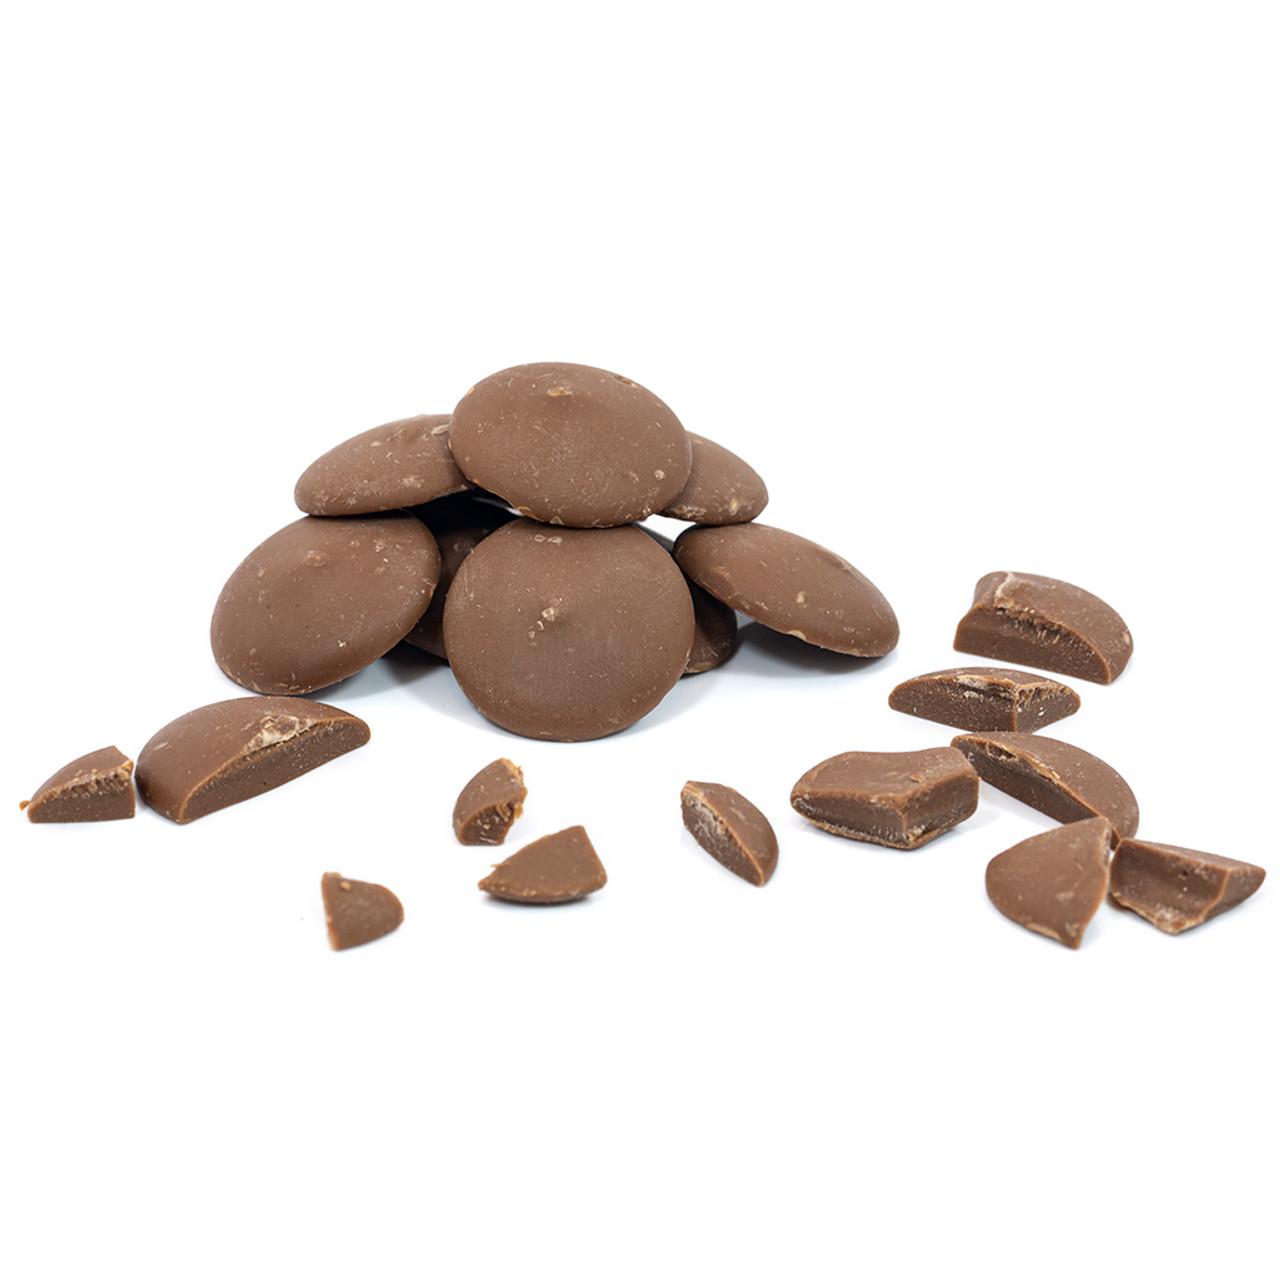 STEWART & ARNOLD MILK CHOCOLATE PISTOLES 35%